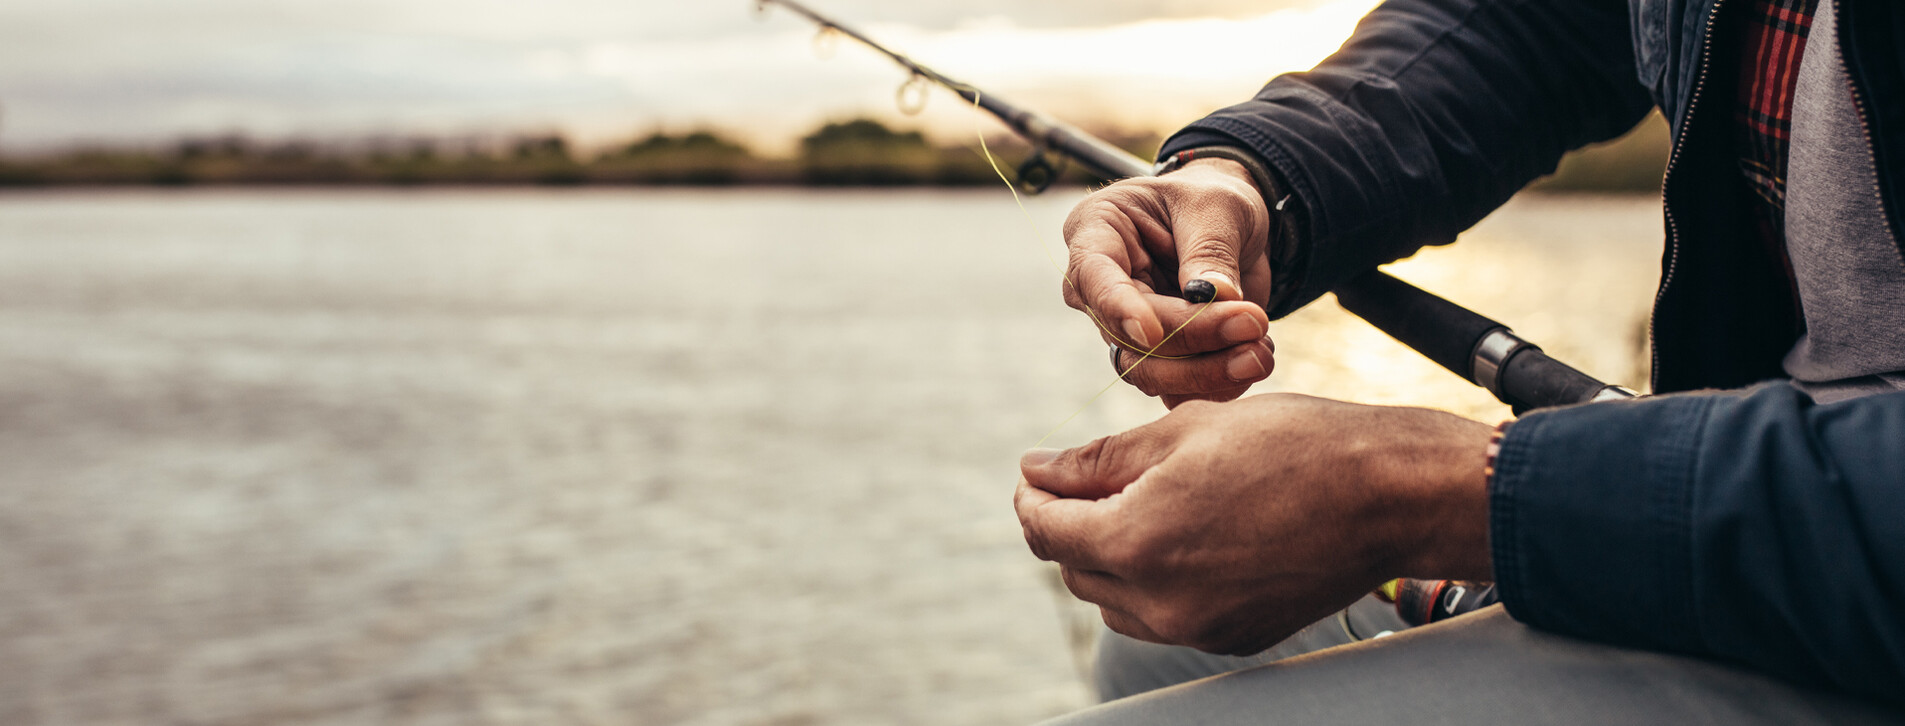 Фото 1 - Семейные каникулы с рыбалкой в «Дельте Днепра»